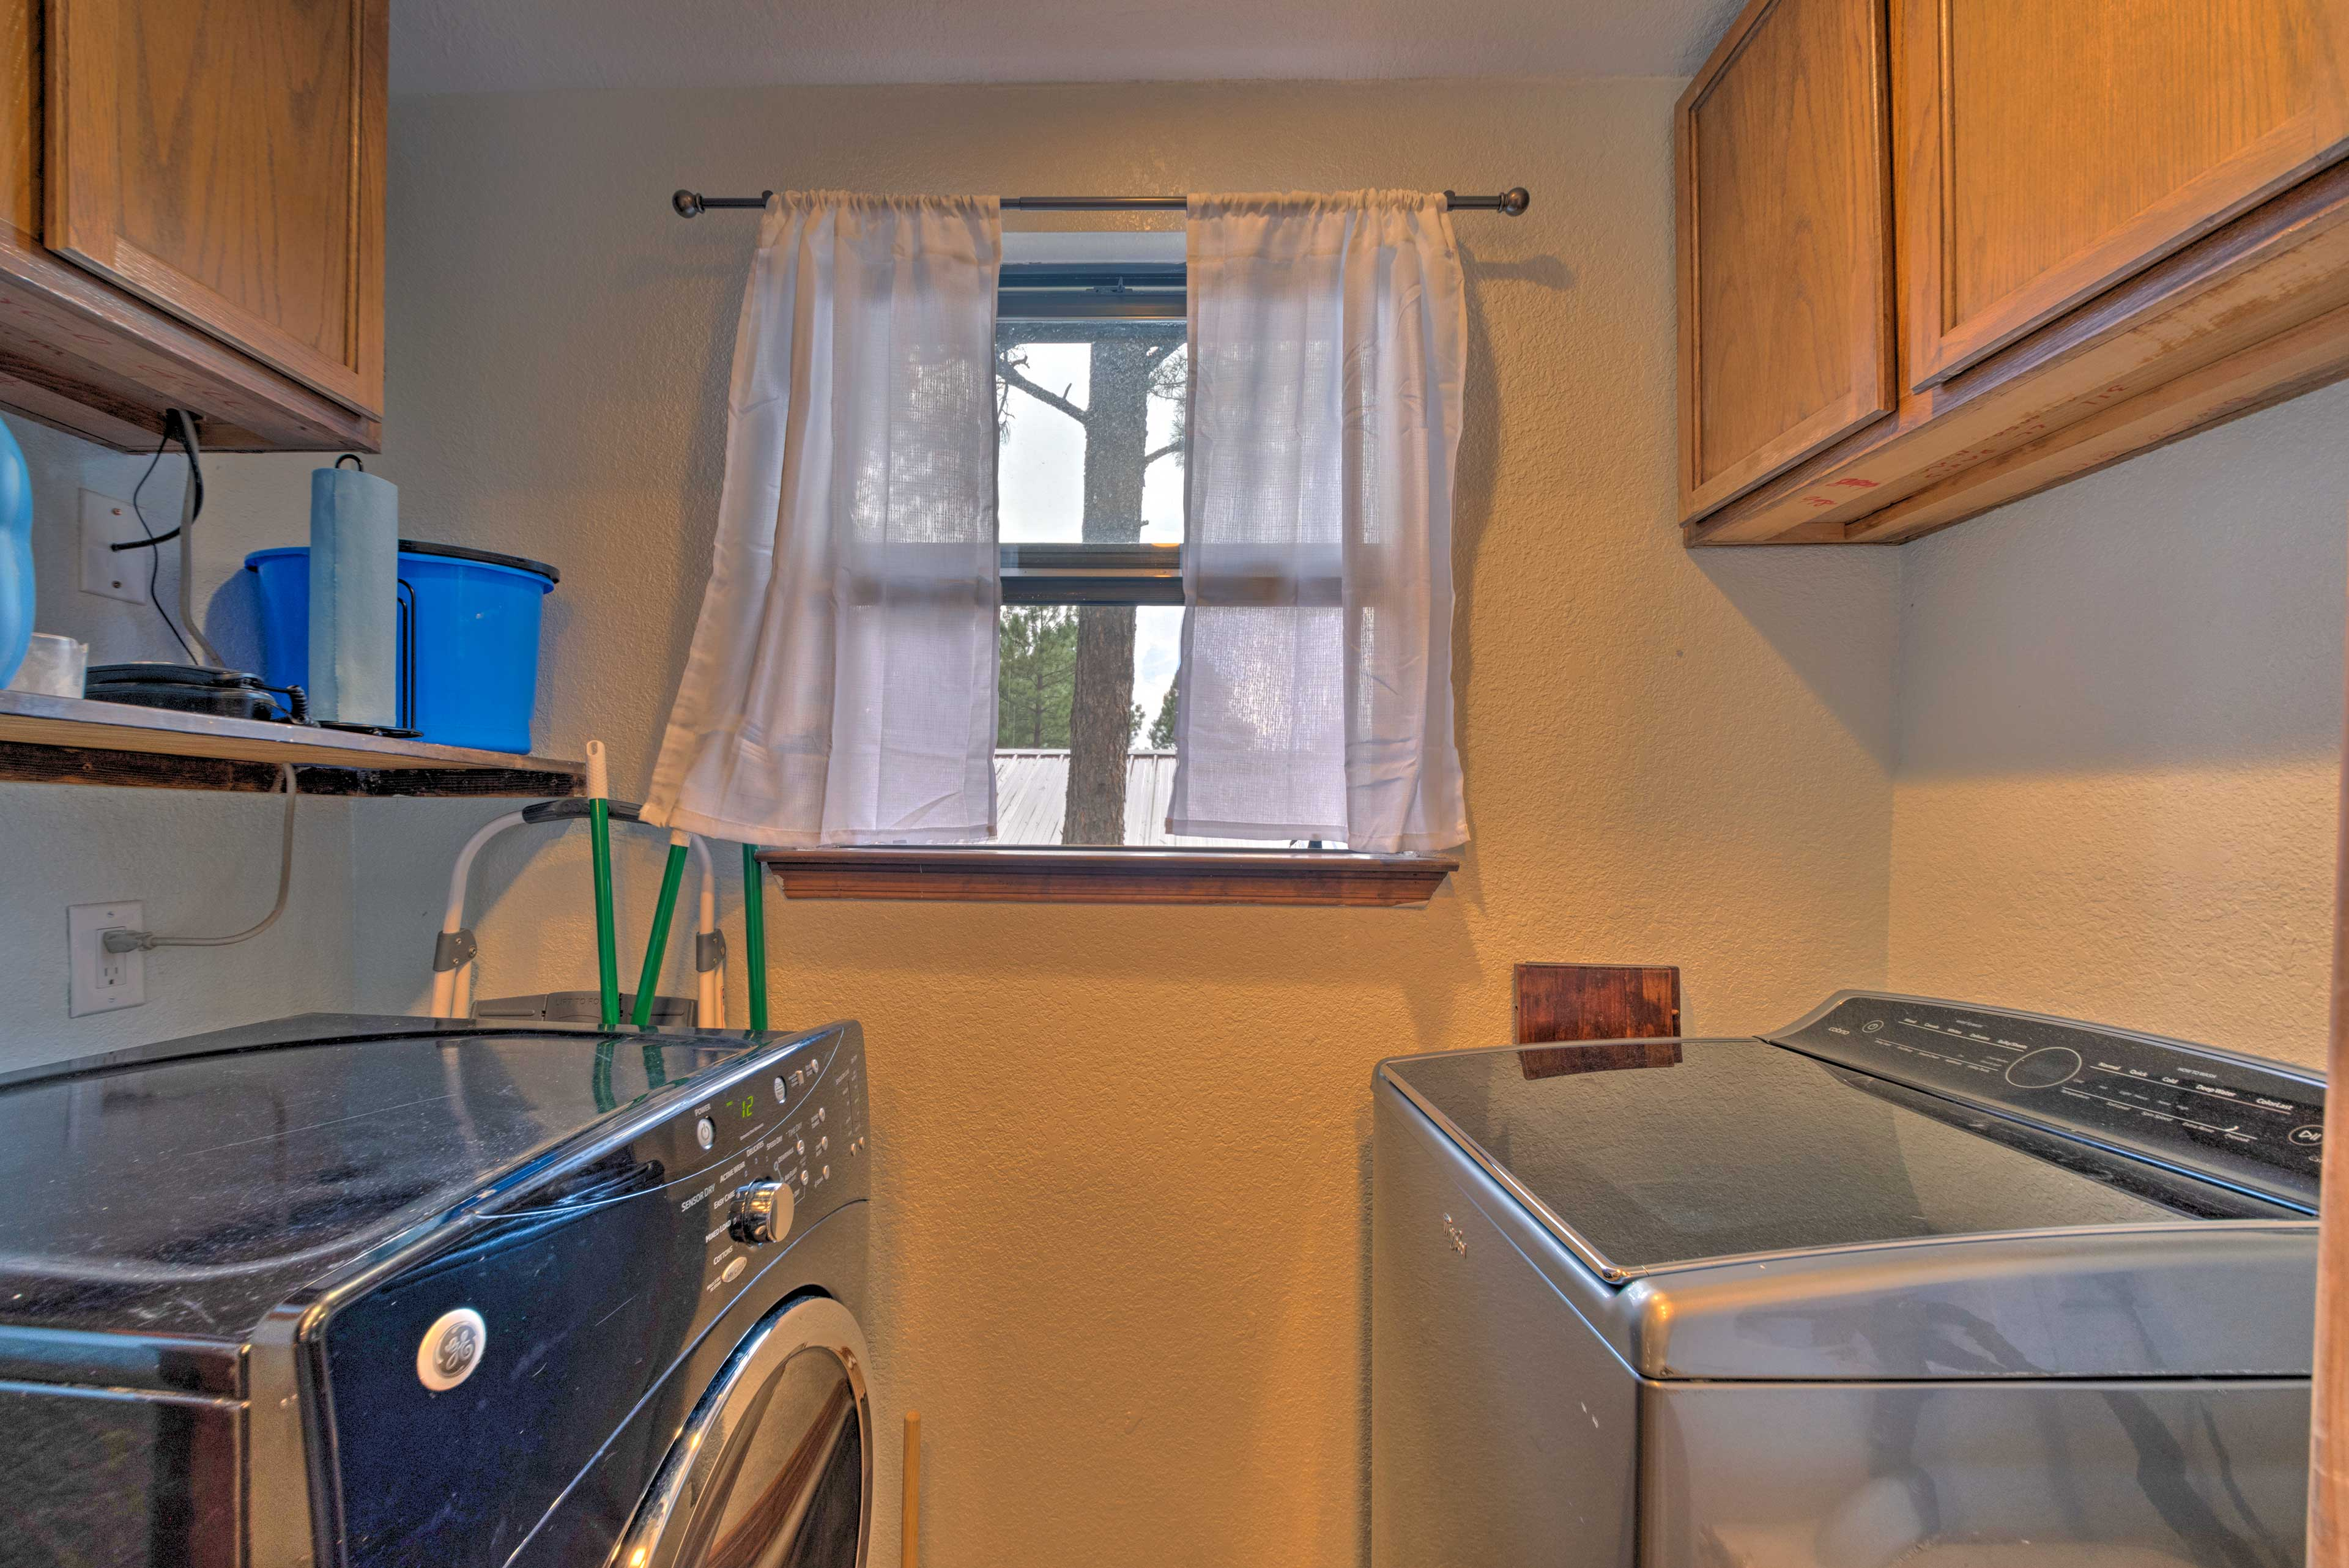 Washer/Dryer